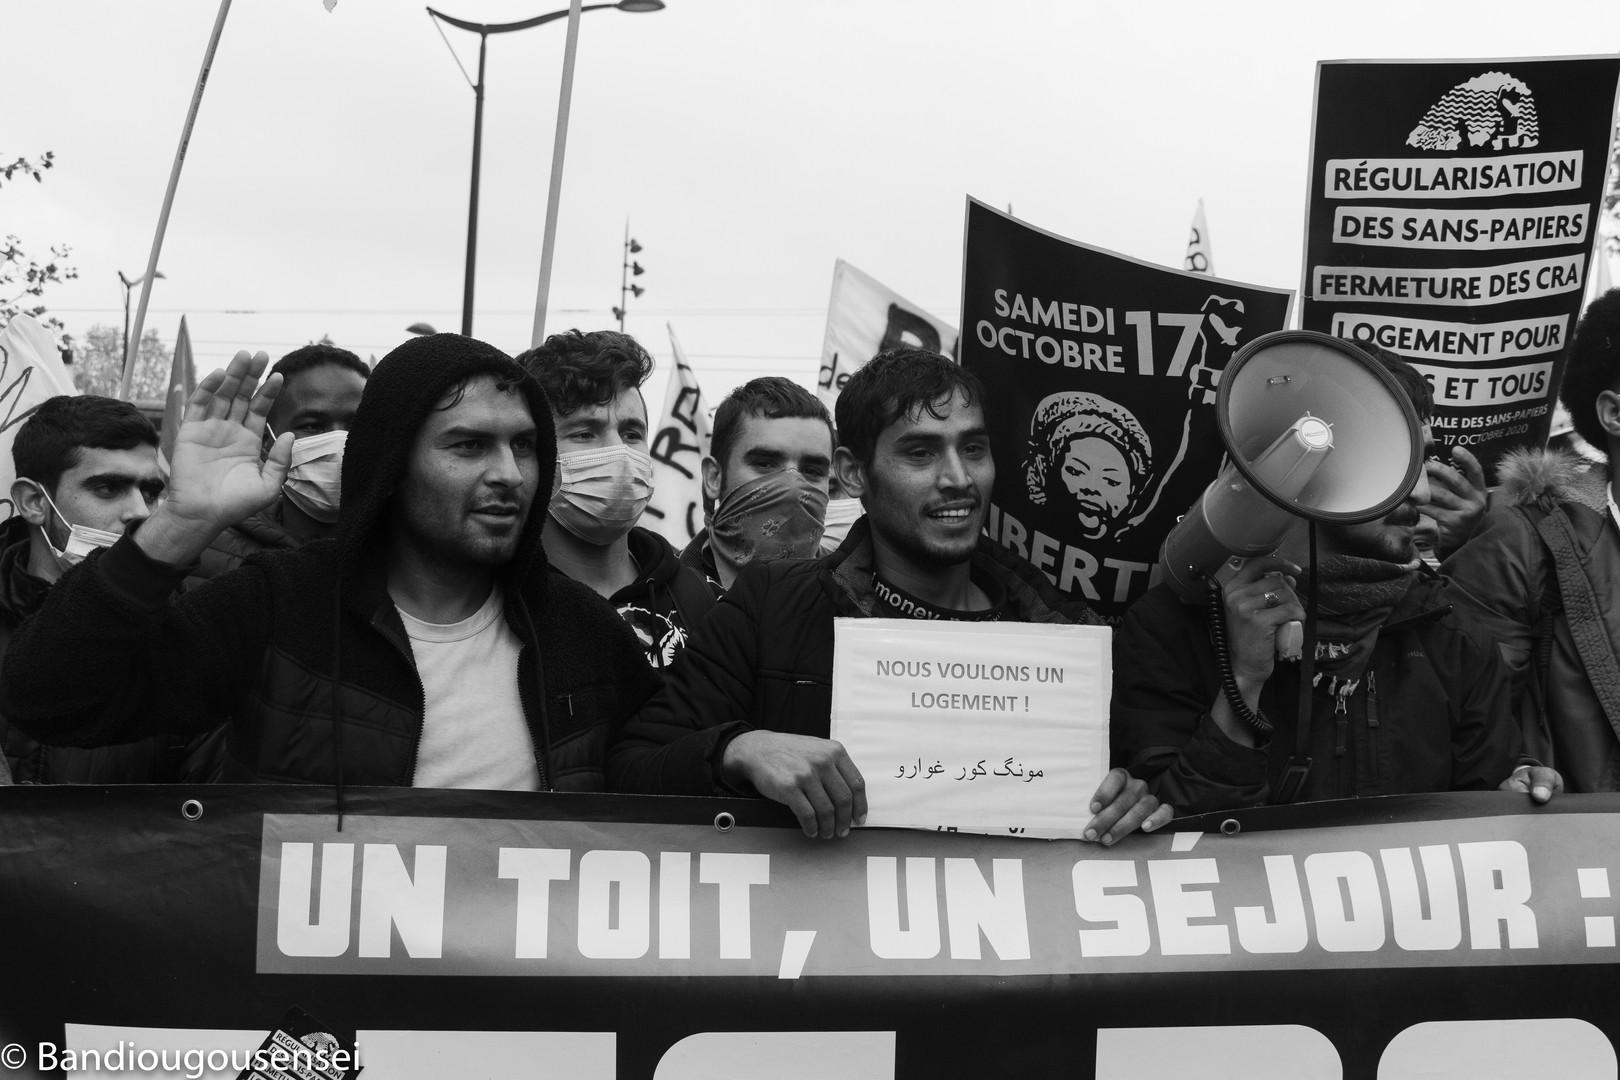 Marche national sans-papier_-5.jpg